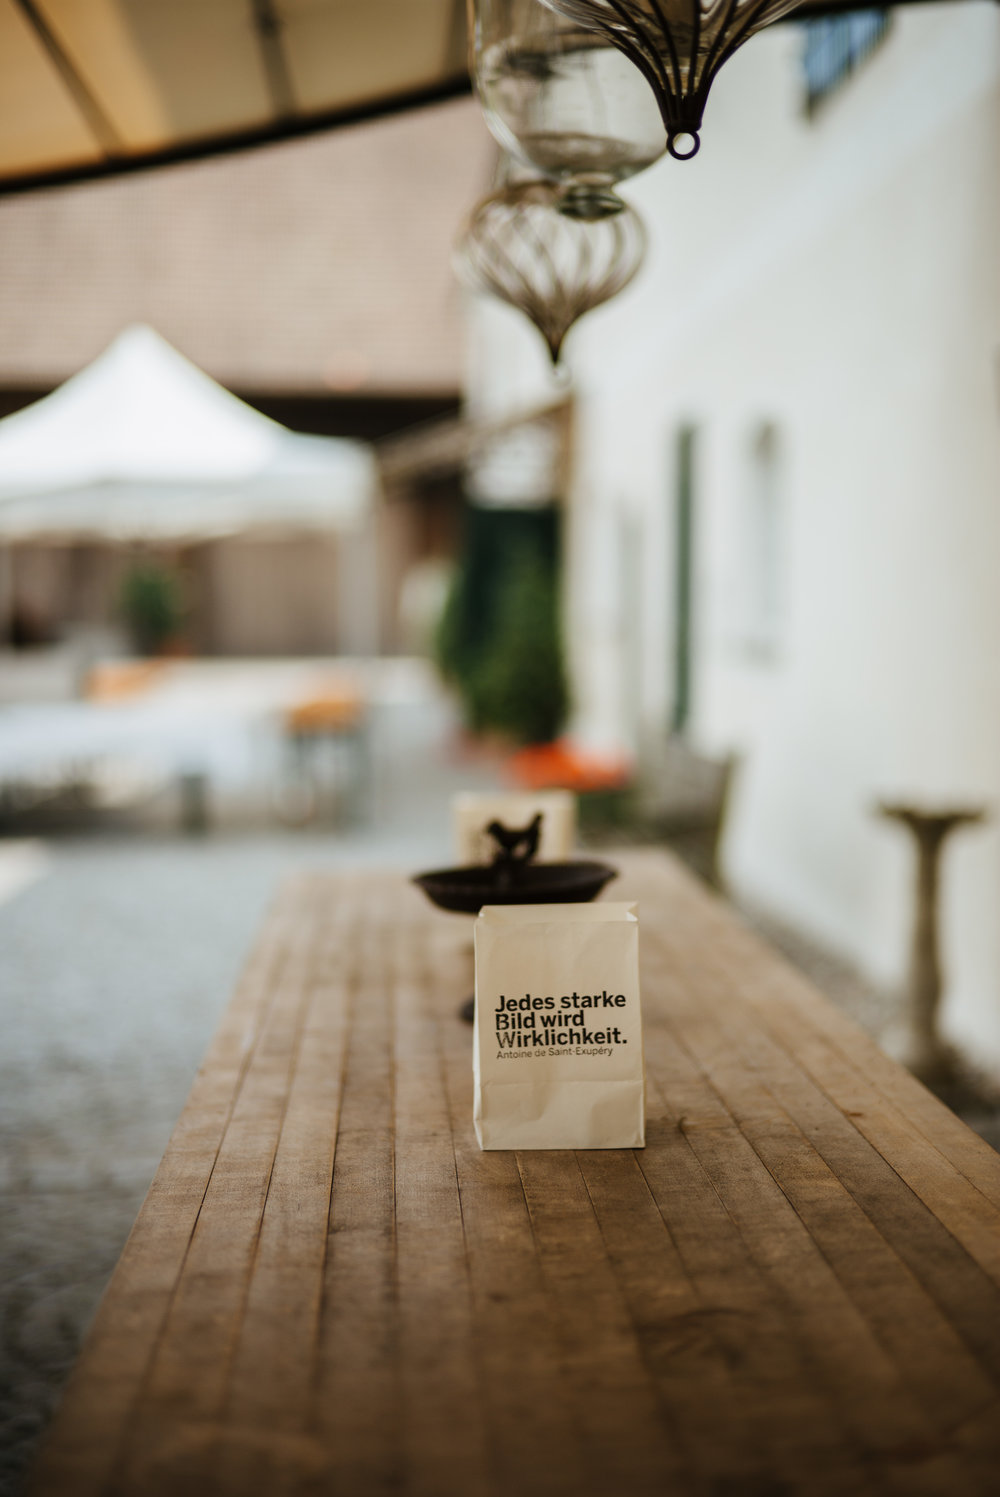 Hochzeit-Conny-Peter-2016-Projekt-2-Punkt0-unbenanntunbenannteFotosessionL1005616-265.jpg